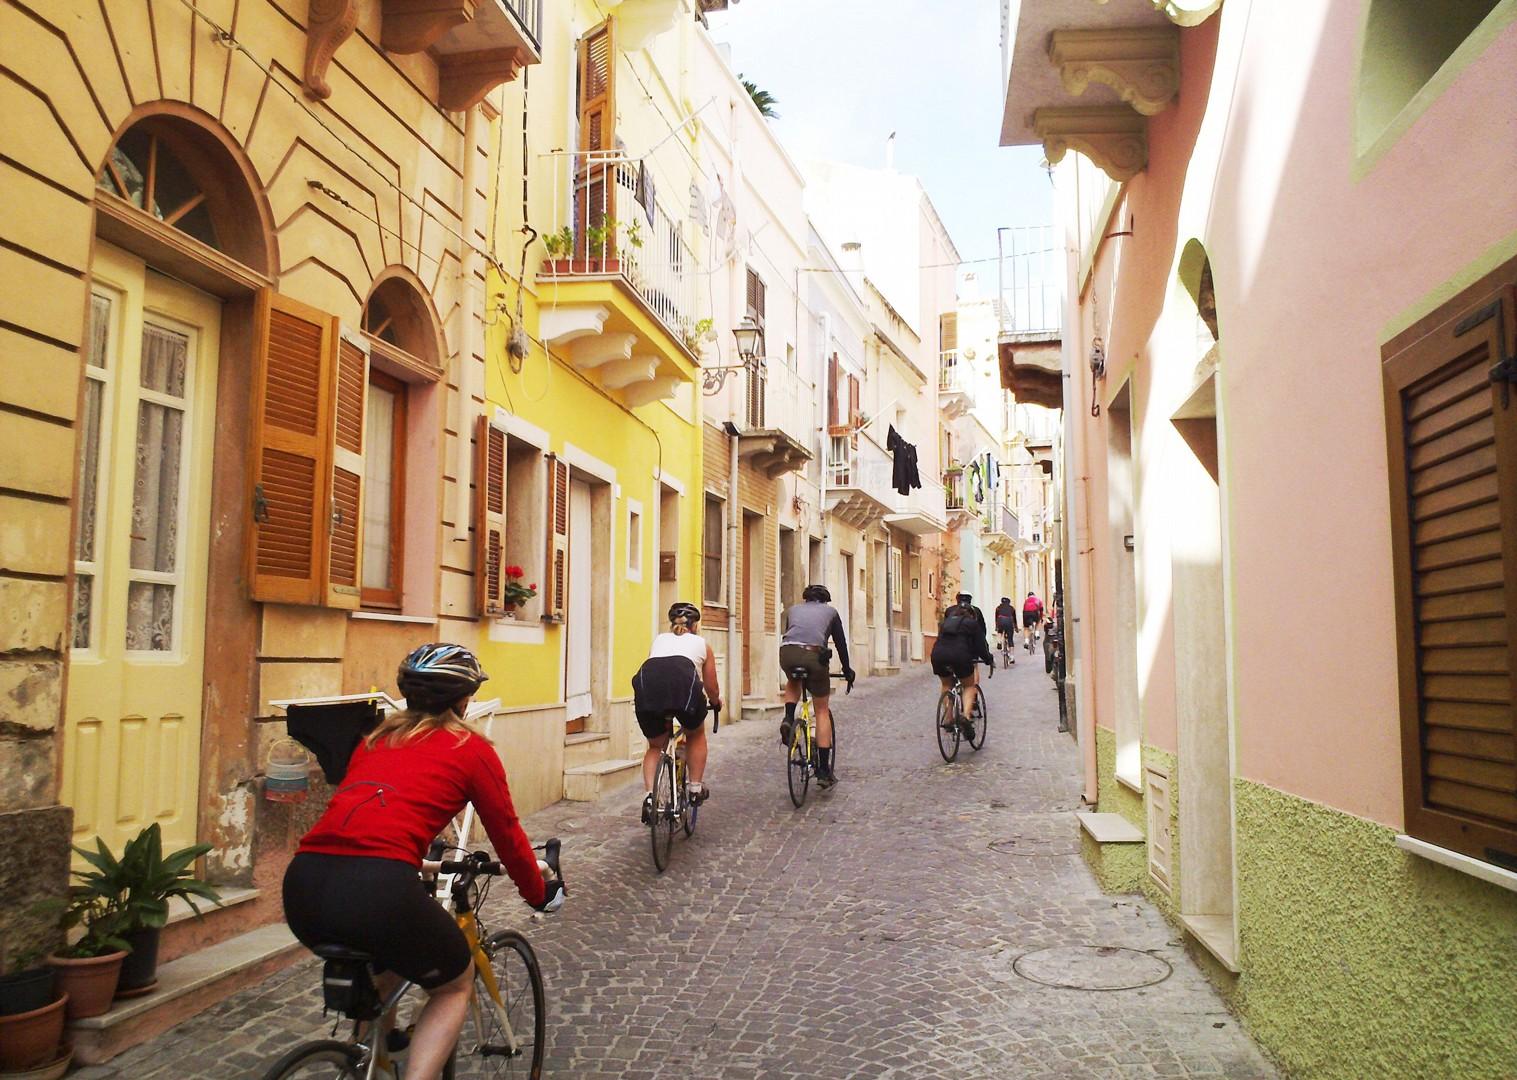 Guided-Road-Cycling-Holiday-Coastal-Explorer-Sardinia.jpg - Italy - Sardinia - Coastal Explorer - Road Cycling